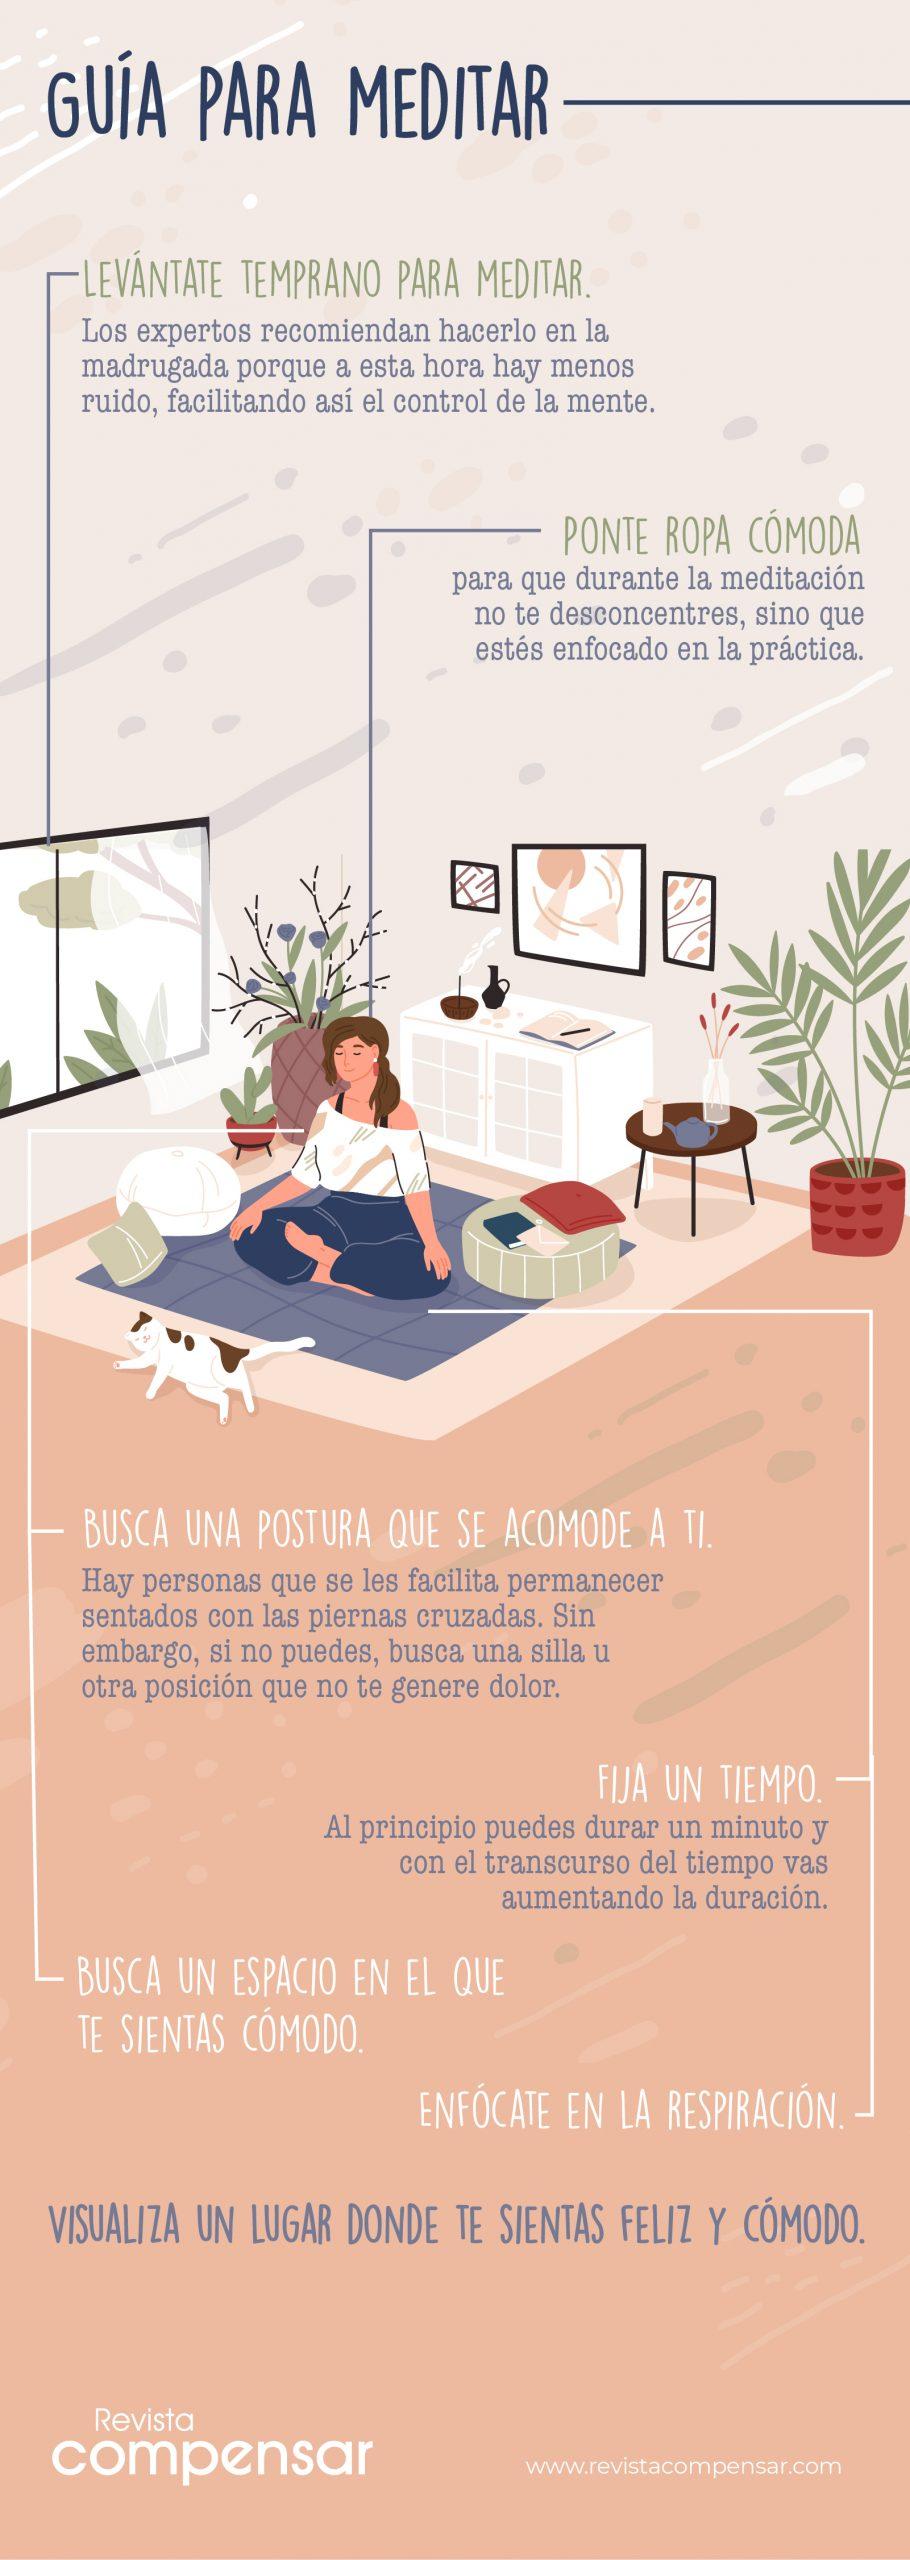 Guía para meditar